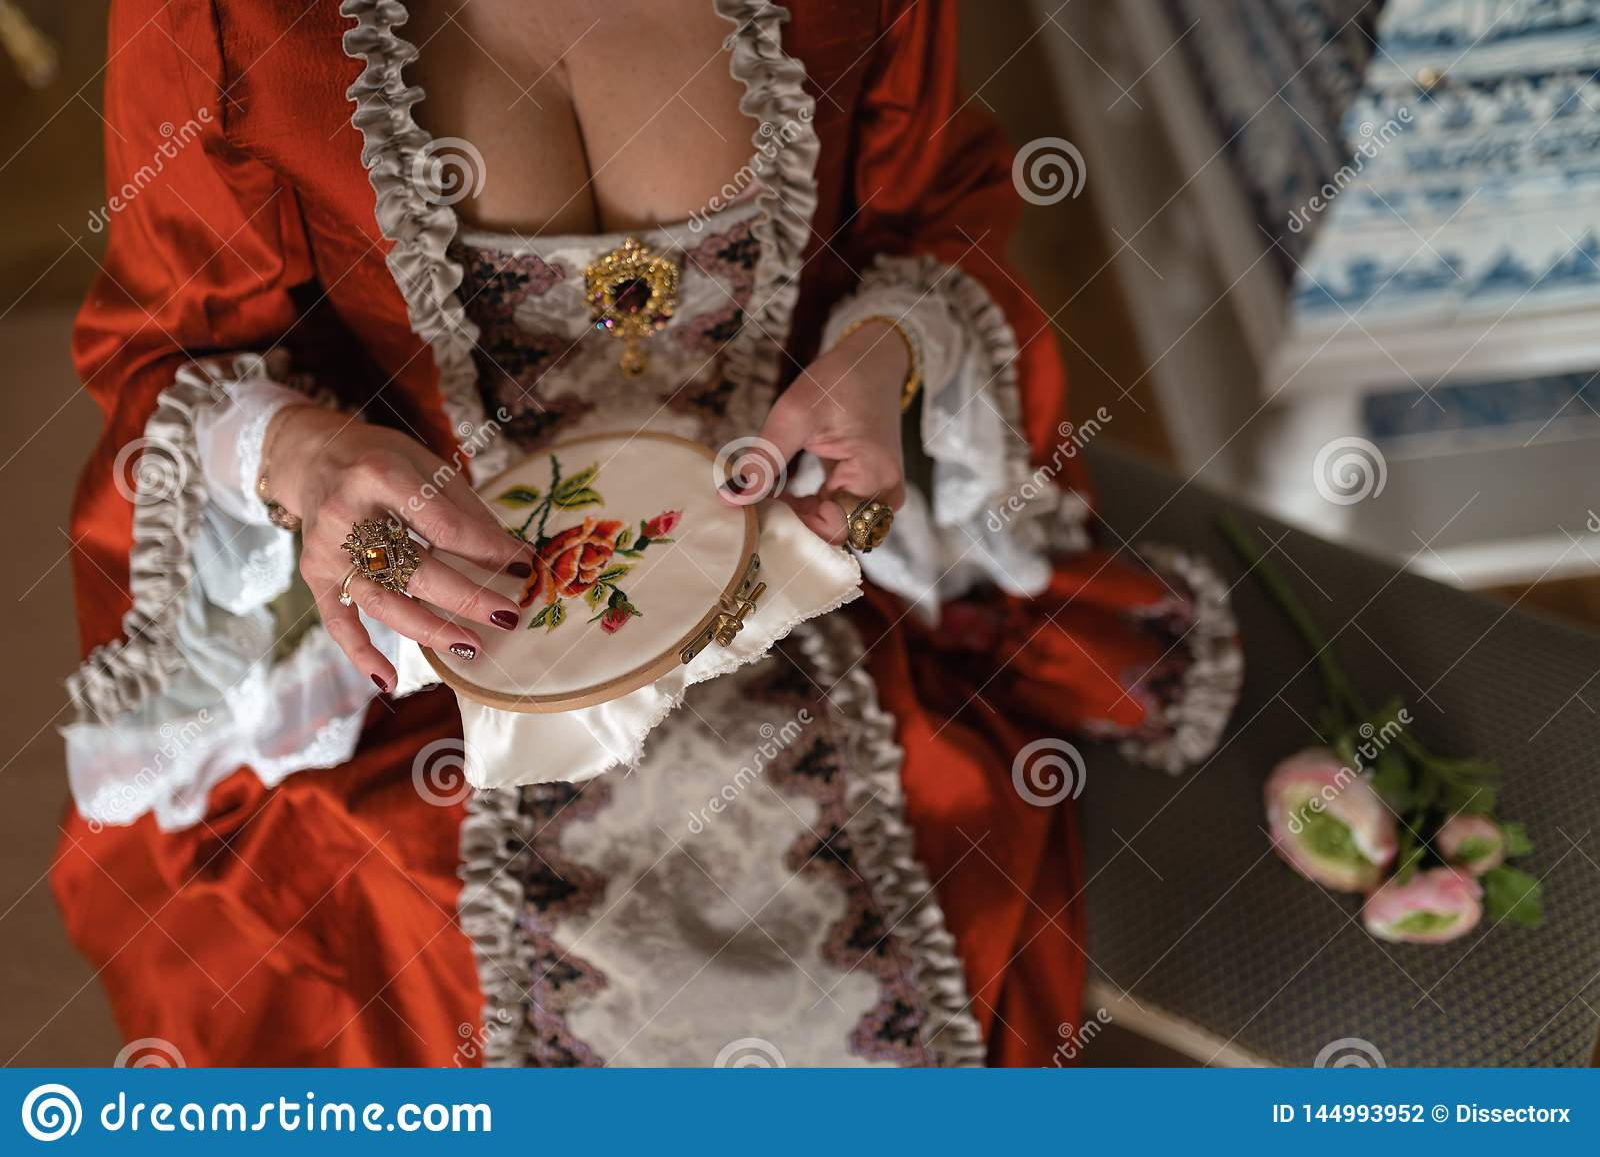 Retro stijl koninklijke middeleeuwse bal - het Majestueuze paleis met schitterende mensen kleedde zich in koning en van de koning